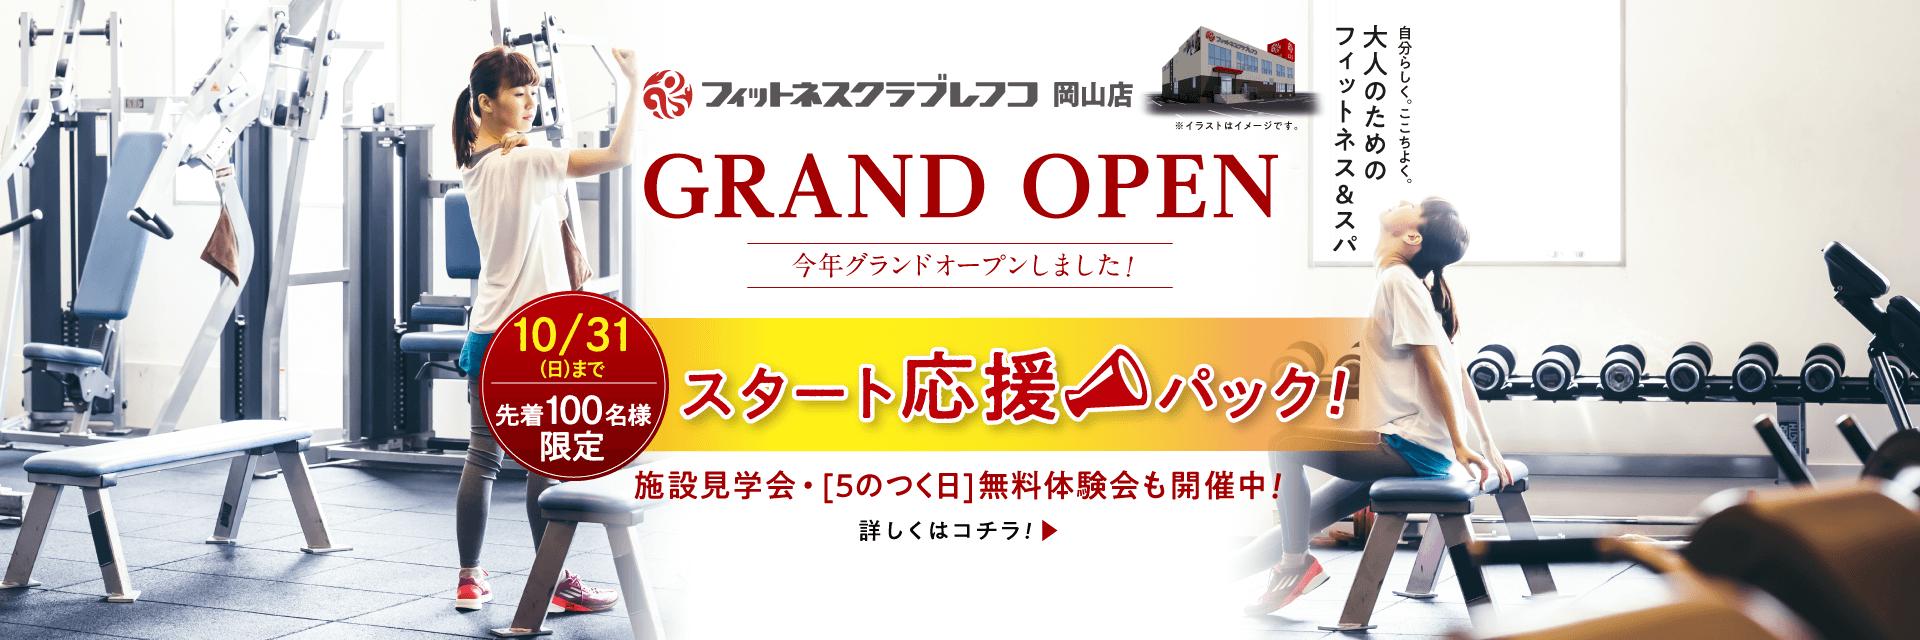 フィットネスクラブレフコ岡山店 グランドオープン スタート応援パック!